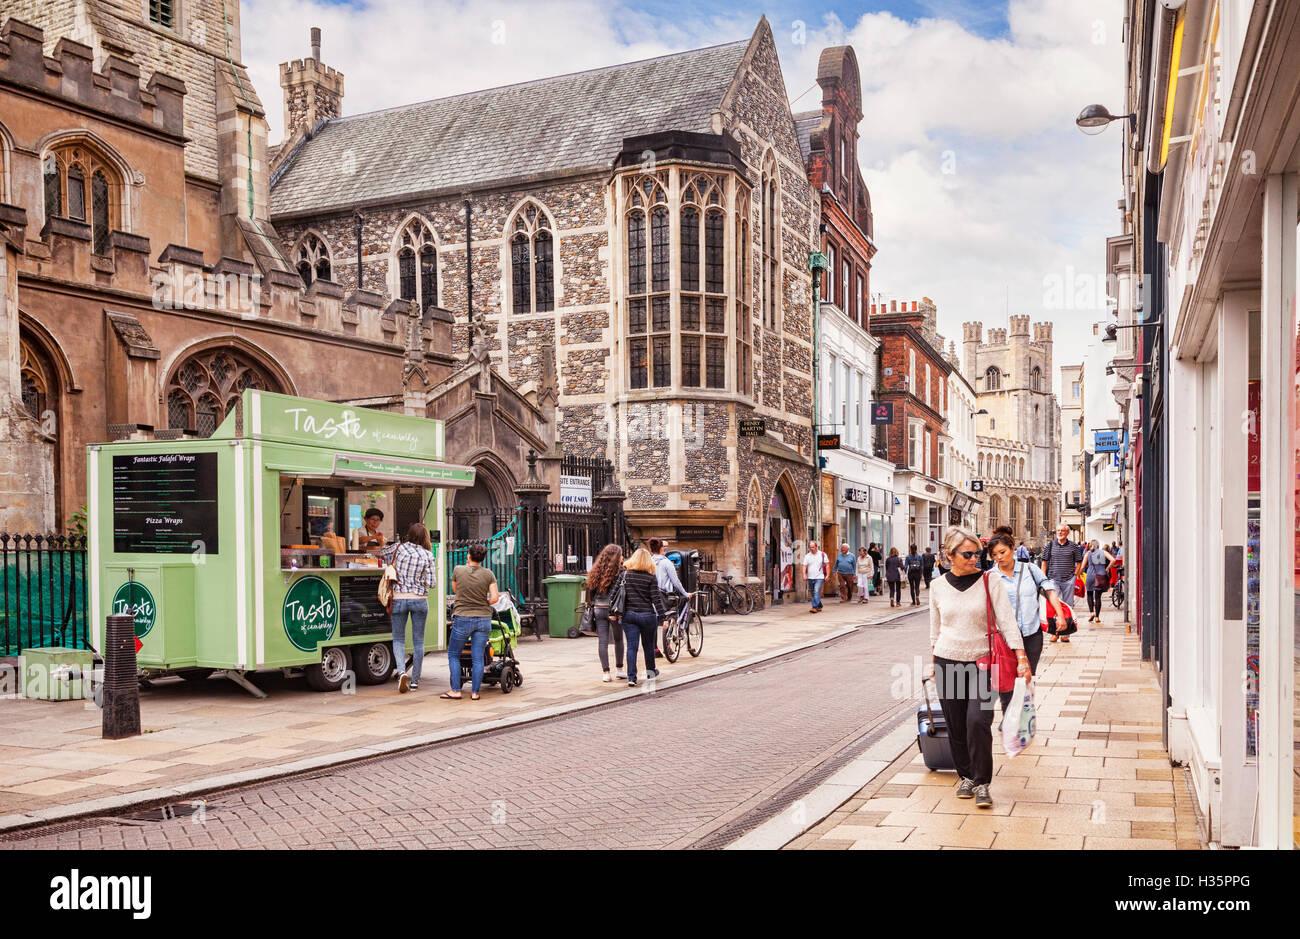 Shopping in Market Street, Cambridge, Cambridgeshire, England, UK - Stock Image